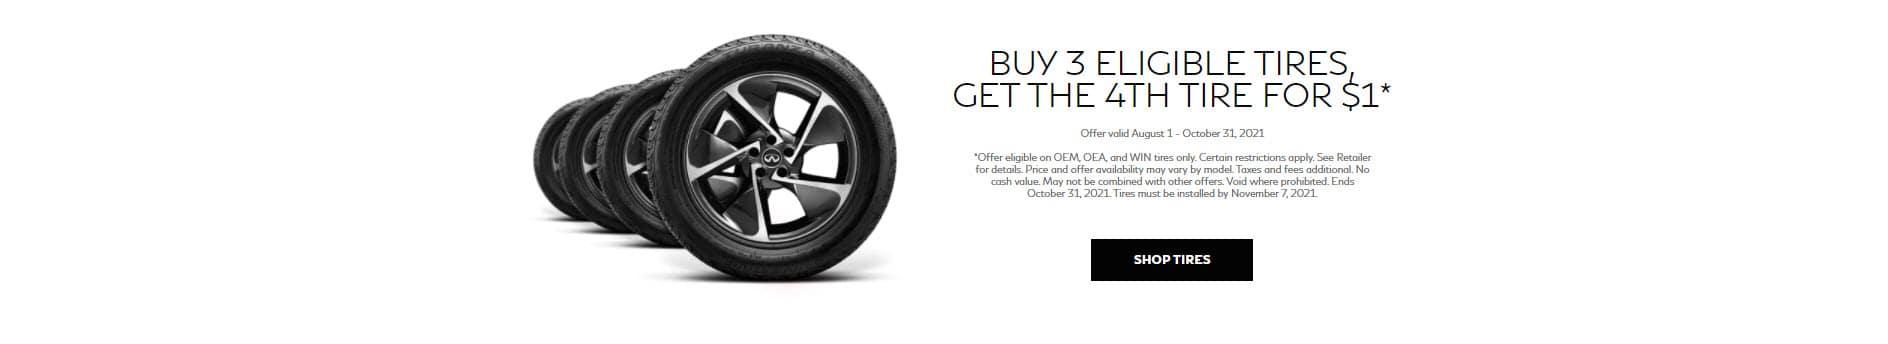 Buy 3, Get 1 Tire